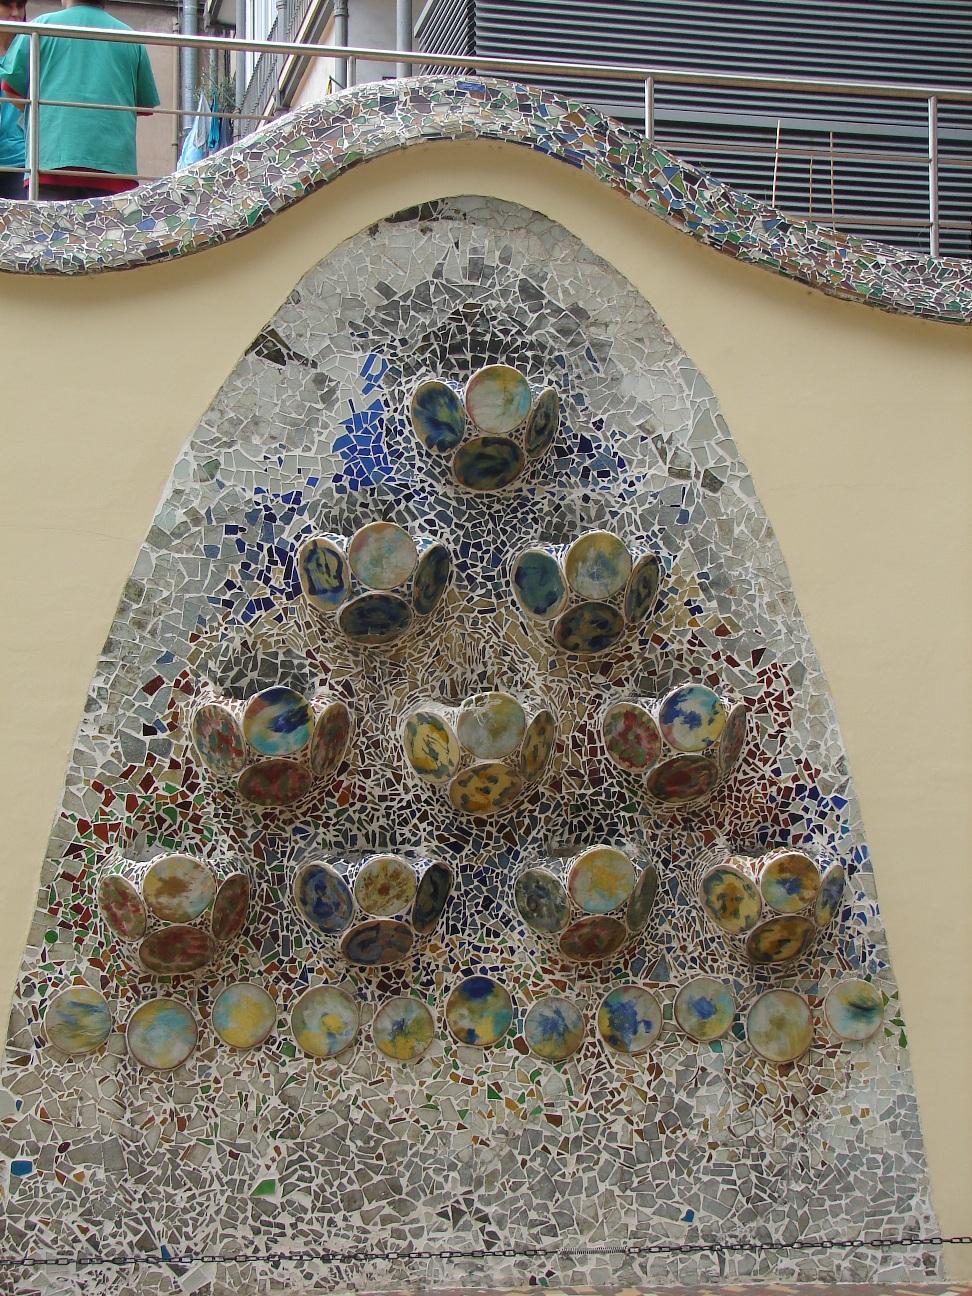 Casa Batlló - Mosaic